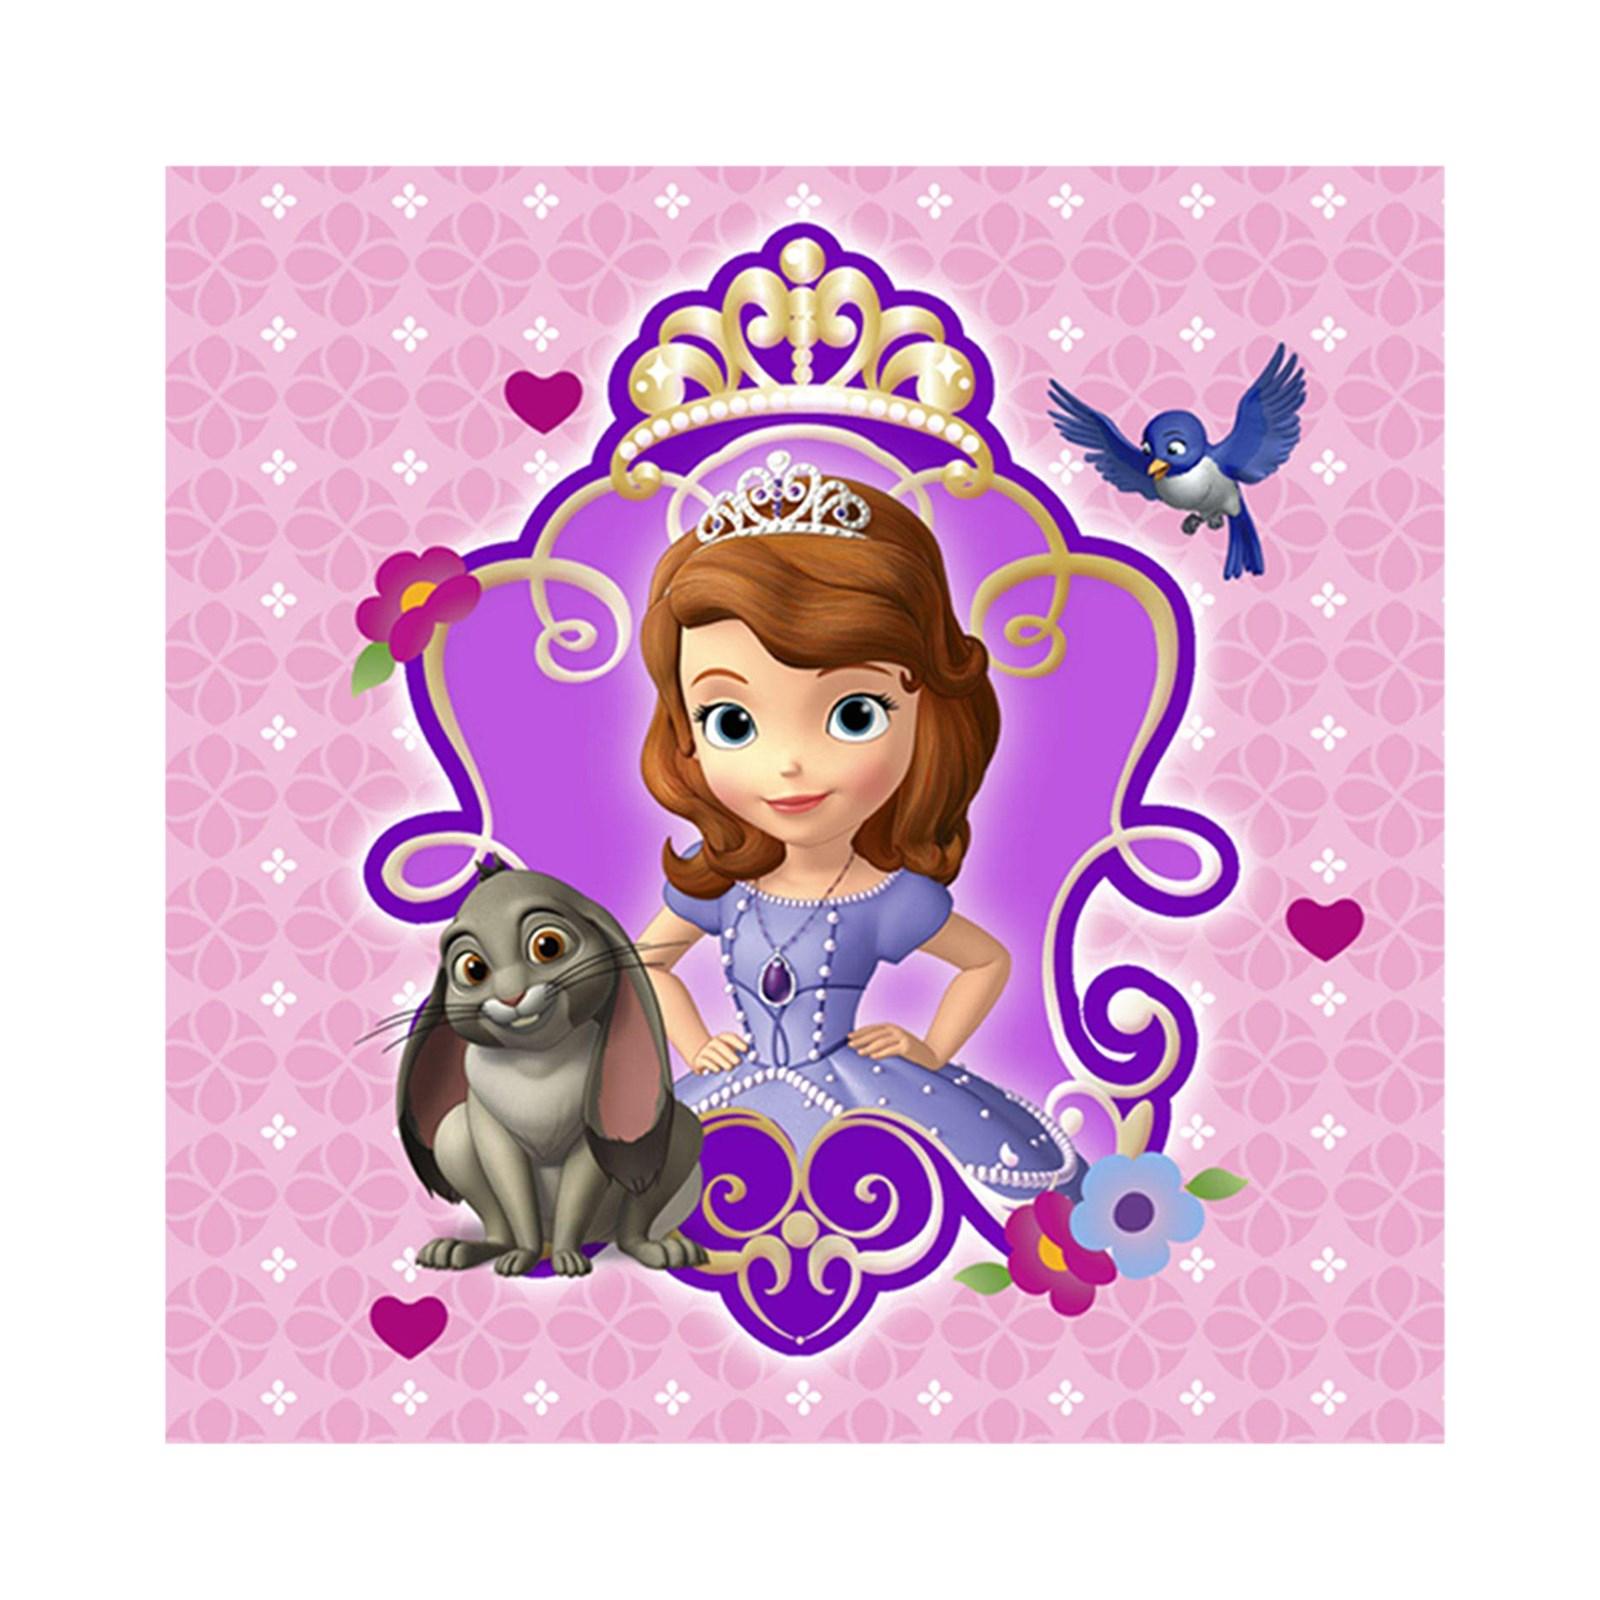 Disney princess sofia the first